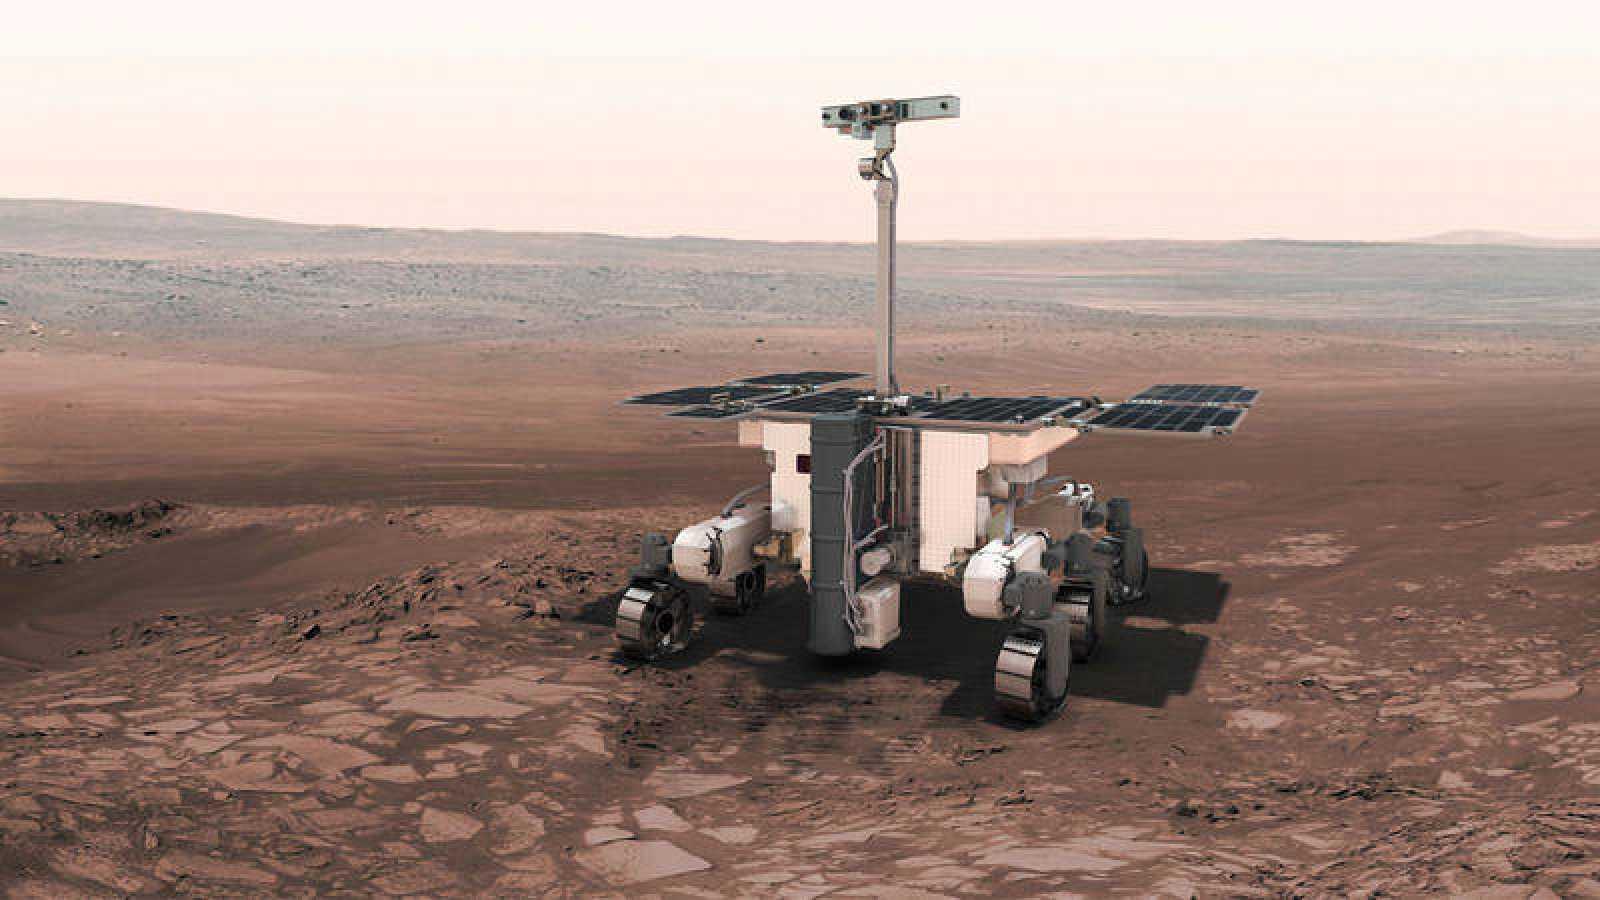 El róver pesa 300 kilogramos y tiene una autonomía de 218 días marcianos.